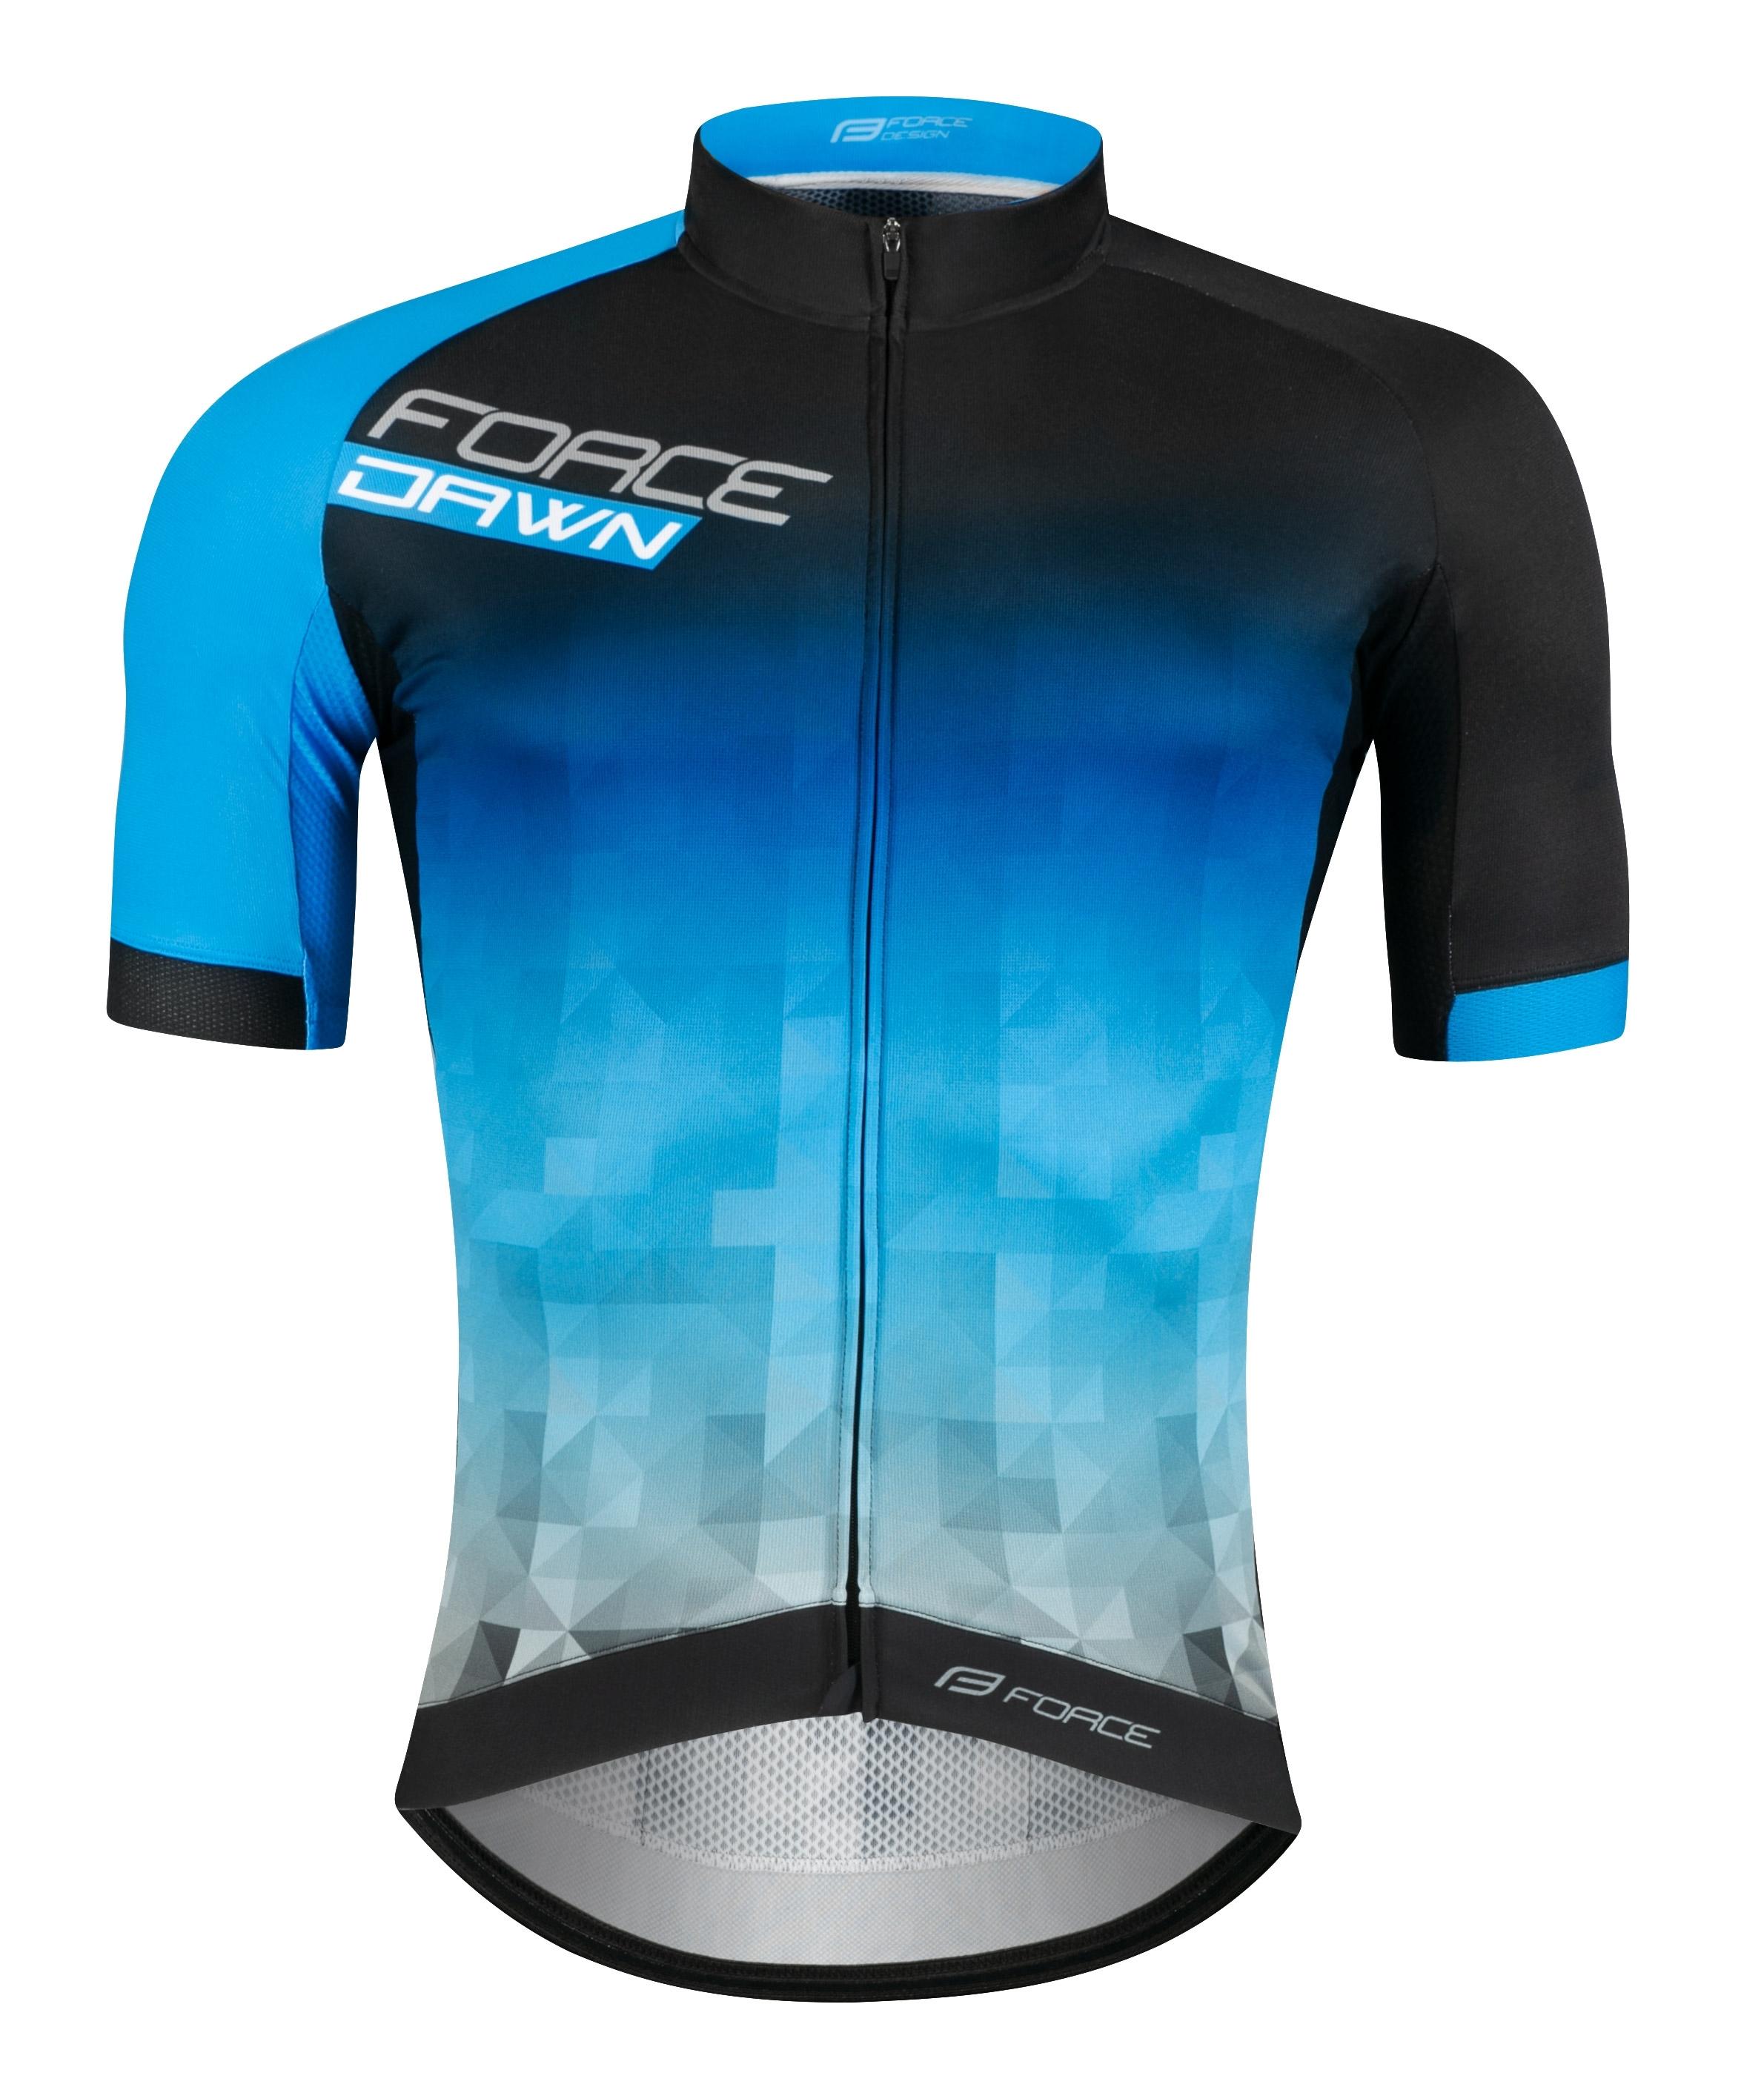 dres FORCE DAWN krátký rukáv černo-modrý XL